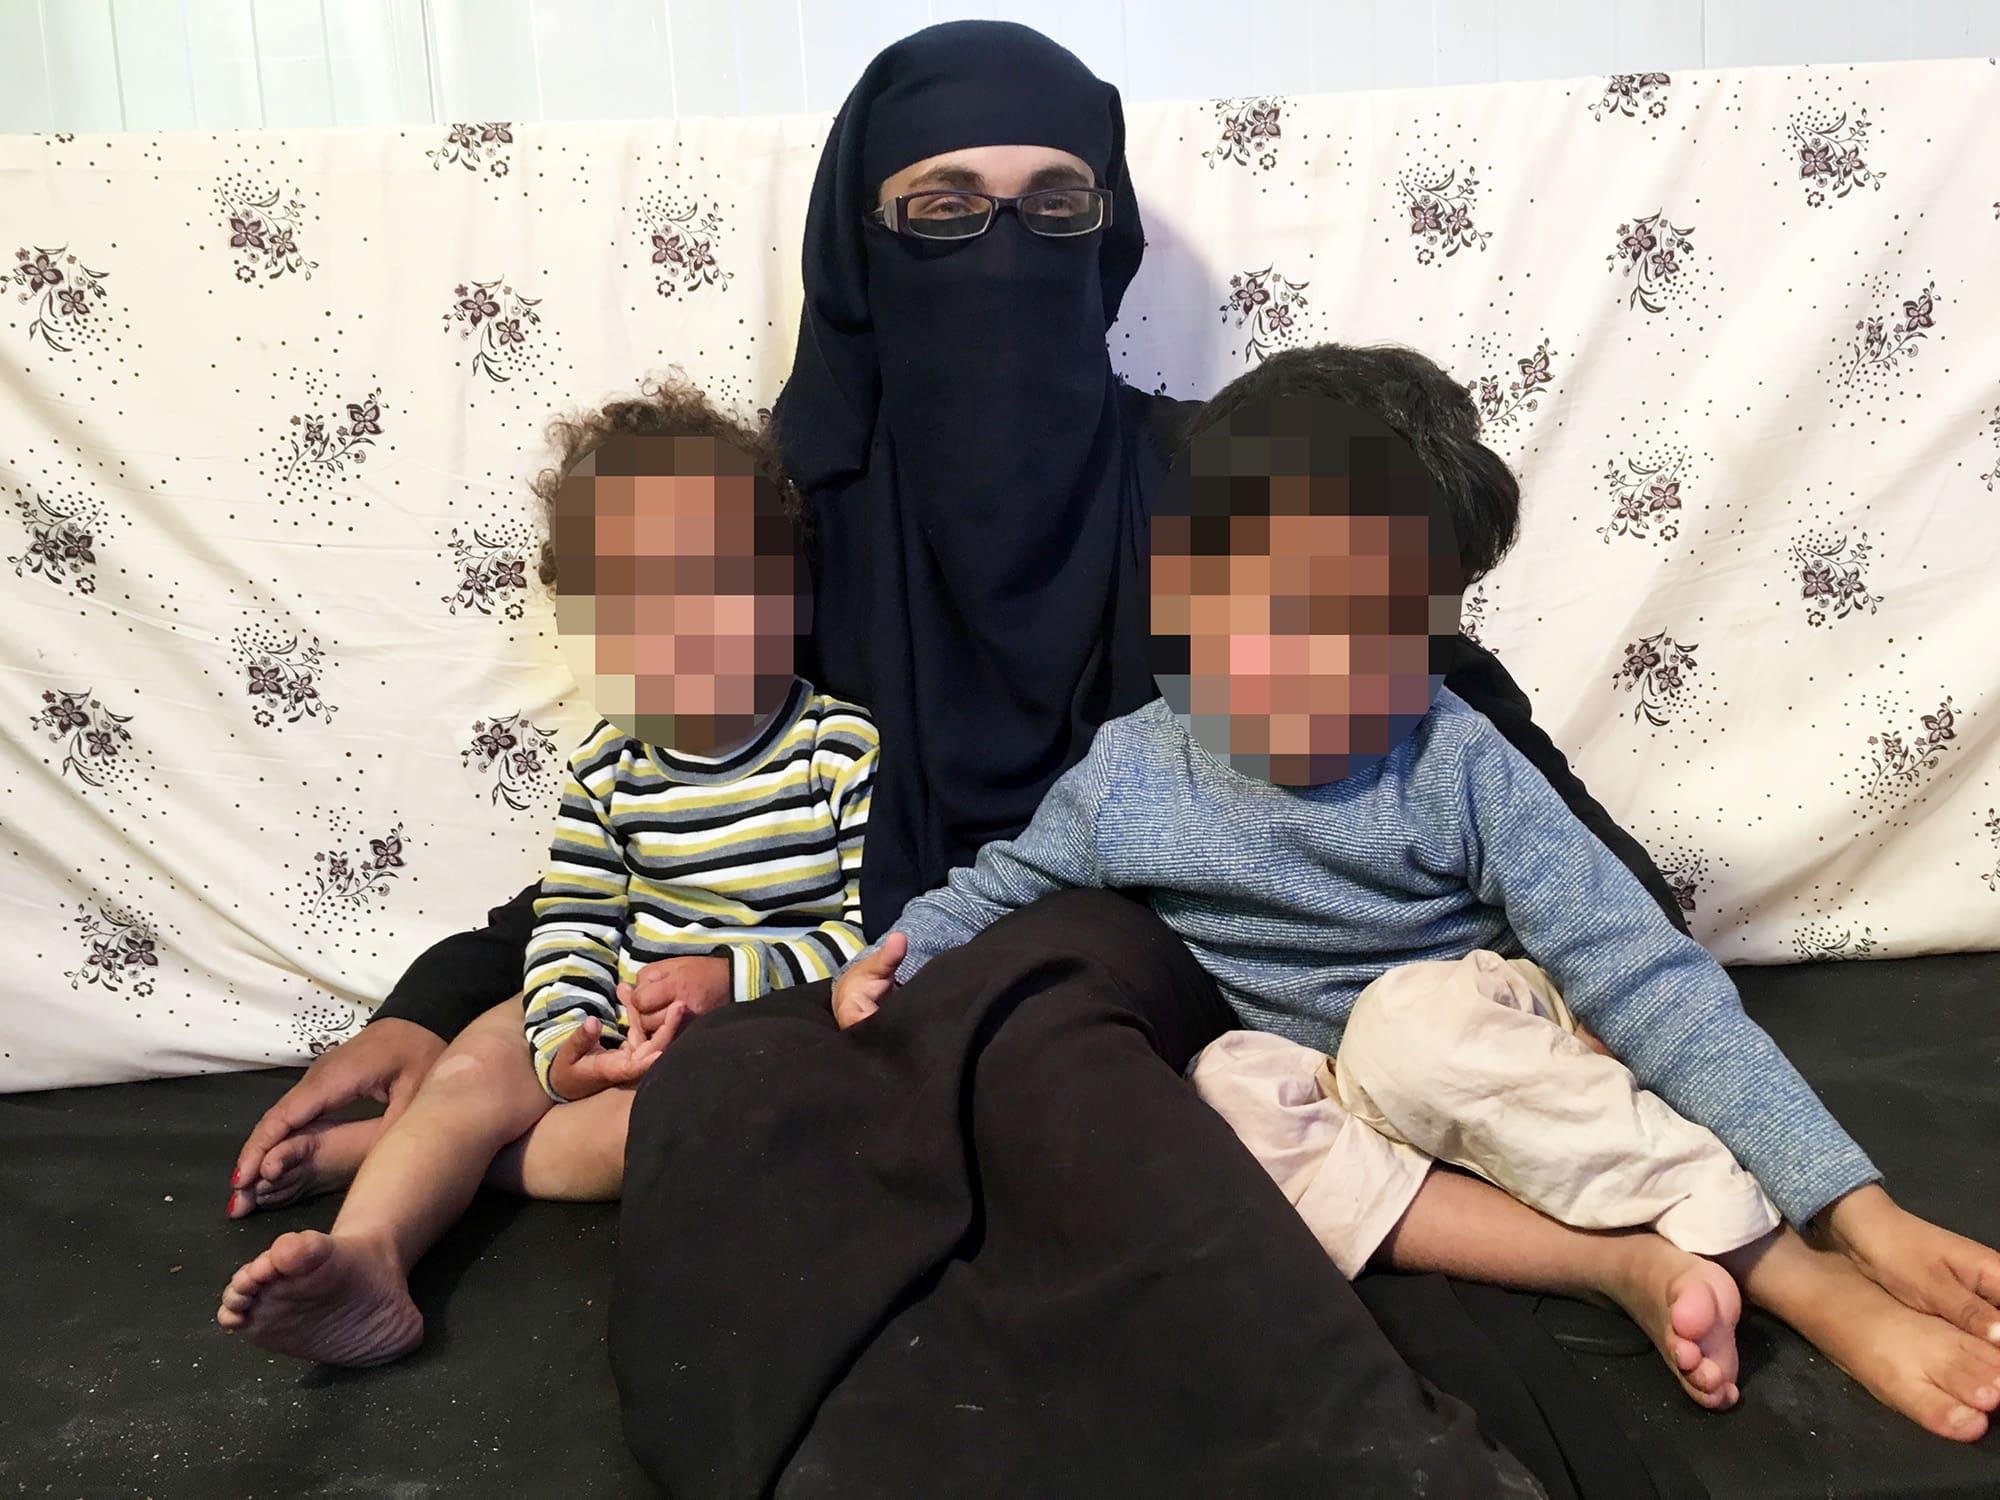 Terrorismista epäilty norjalainen nainen ja hänen kaksi lastaan istuvat lähellä toisiaan. Lasten kasvot on kuvankäsitelty tunnistamattomiksi.